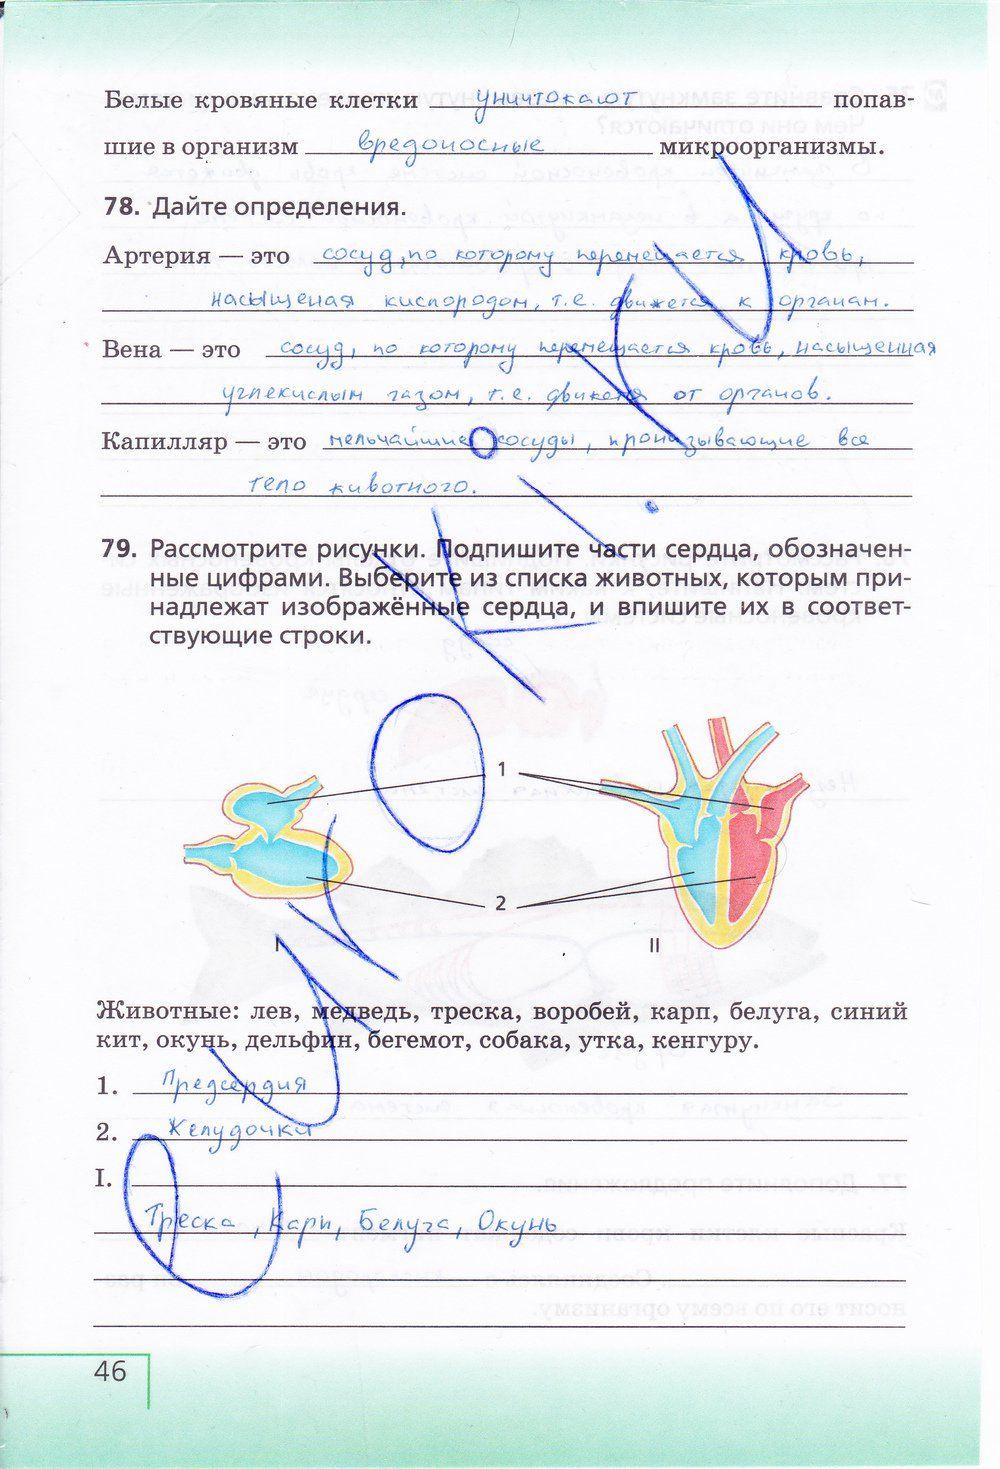 Гдз по русскому 5 класс разумовская львова капинос богданова тронина львова сергеева